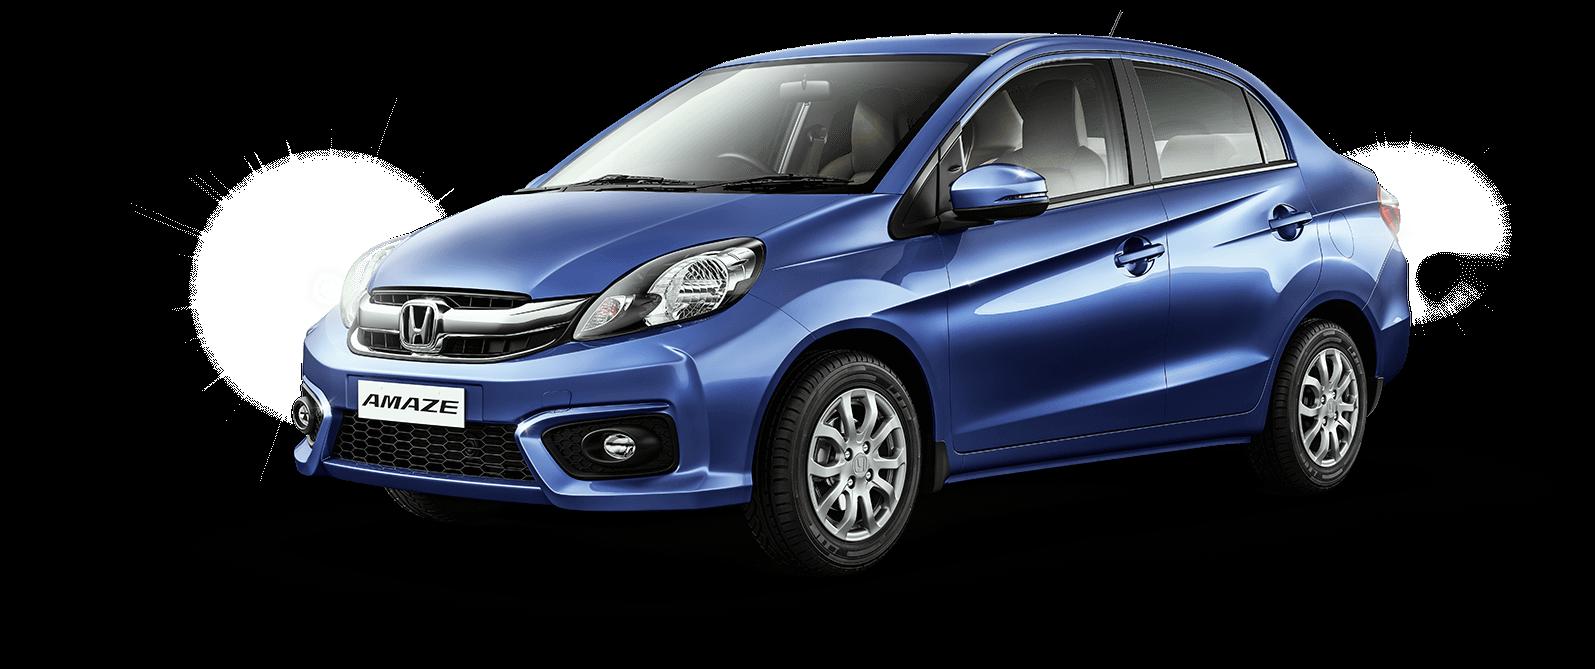 Toyota Platinum Etios Vs Honda Amaze